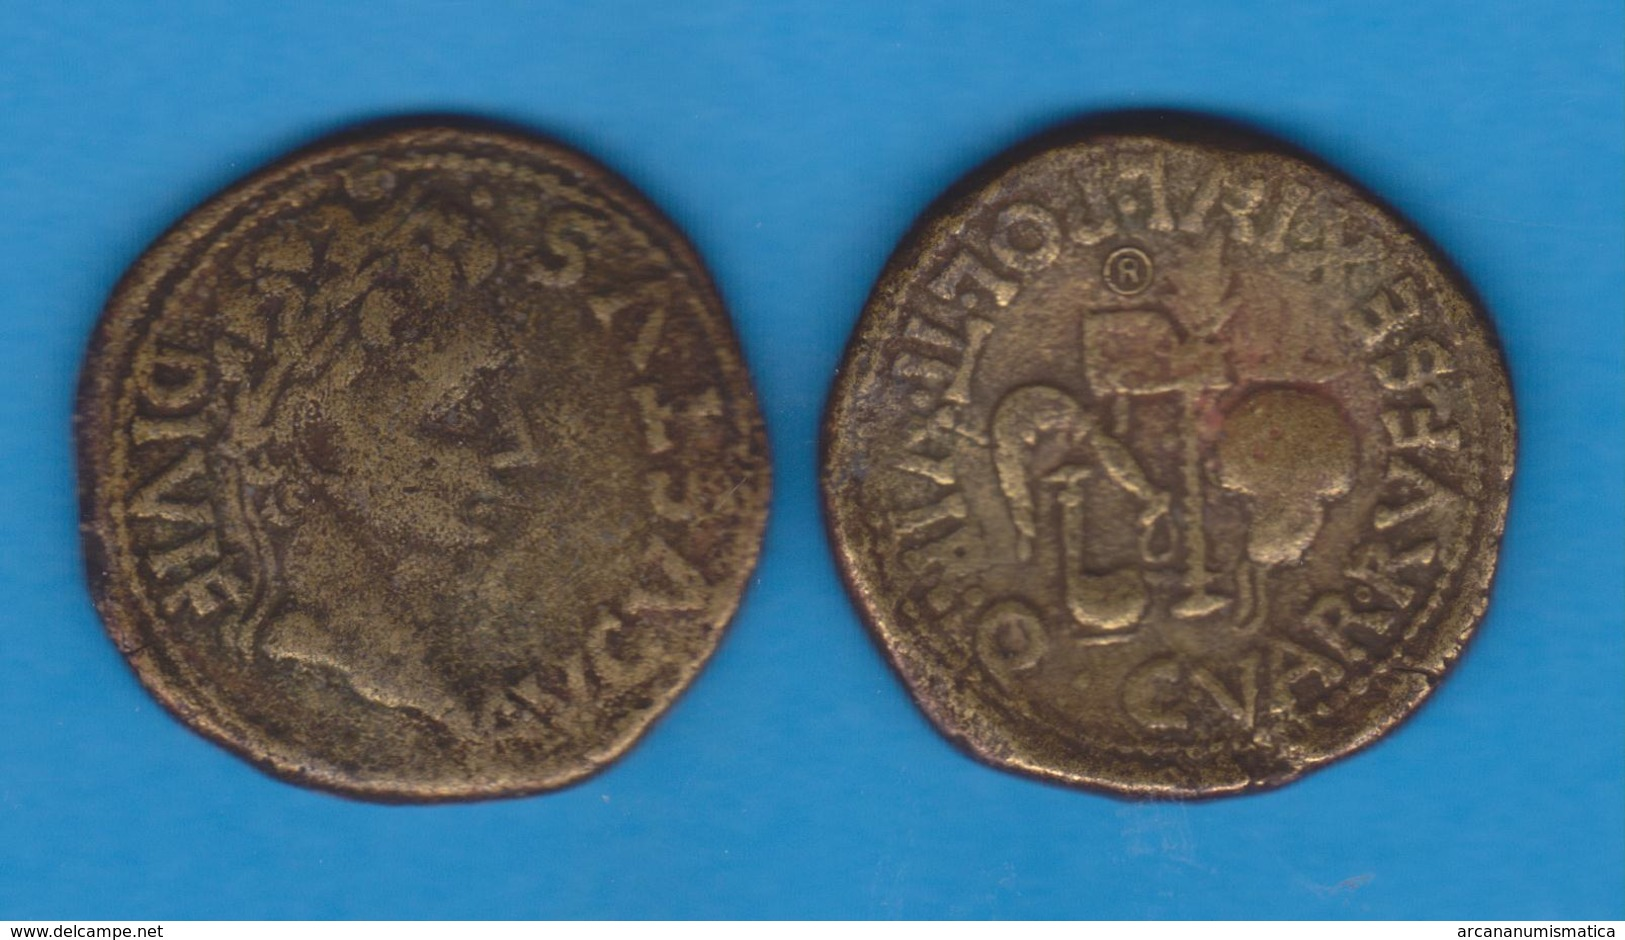 ALTO IMPERIO ROMANO (27 A.C. - 284 D.C.) César AUGUSTO (Del 27 A.C. Al 14 D.C.) AS BRONCE - Replica    SC/UNC DL-12.102 - 1. La Dinastía Julio-Claudia (-27 / 69)